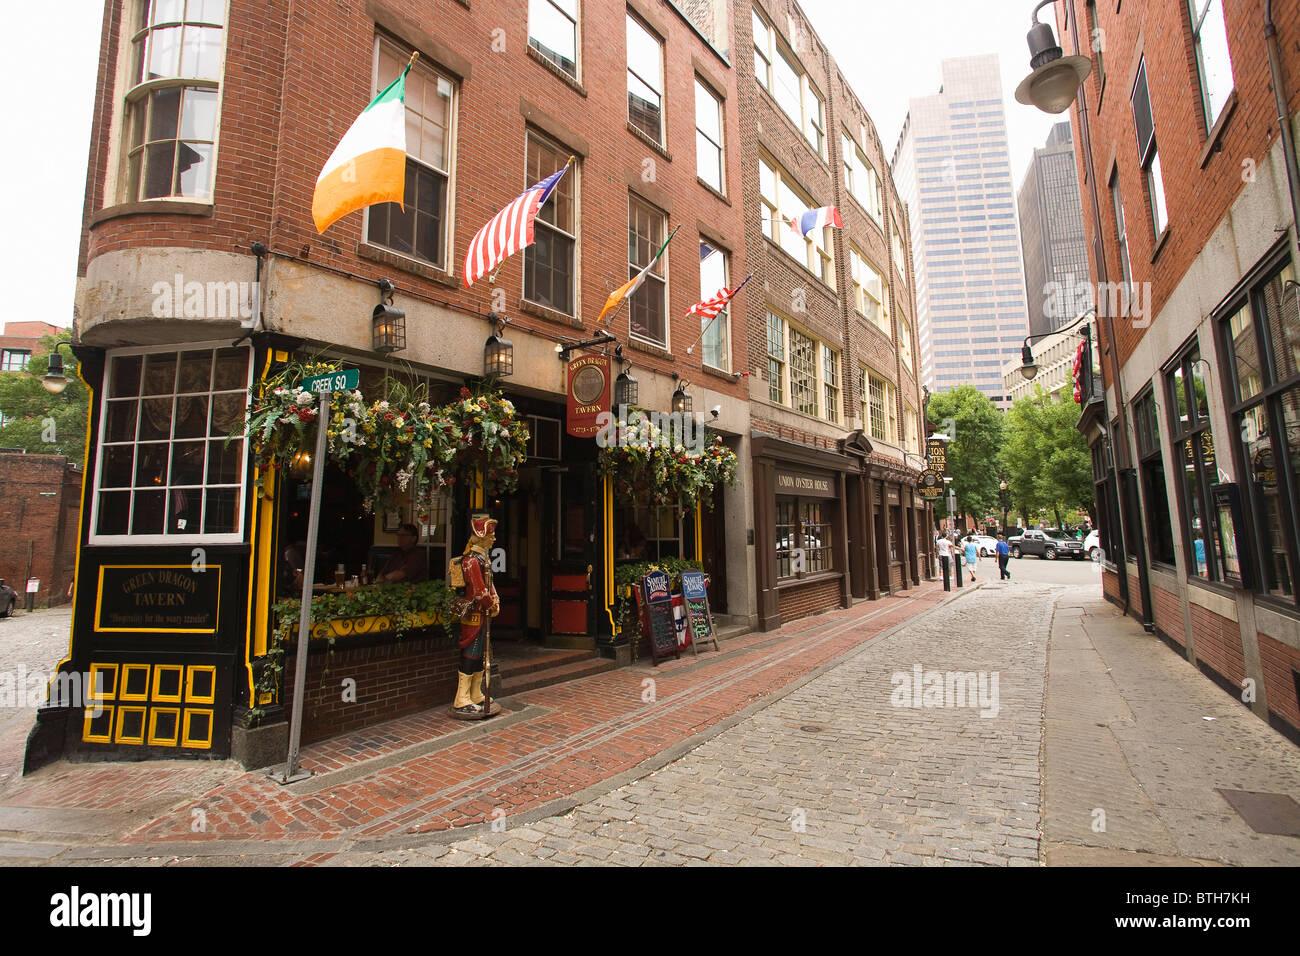 Strada di ciottoli nel centro cittadino di Boston, Massachusetts Immagini Stock